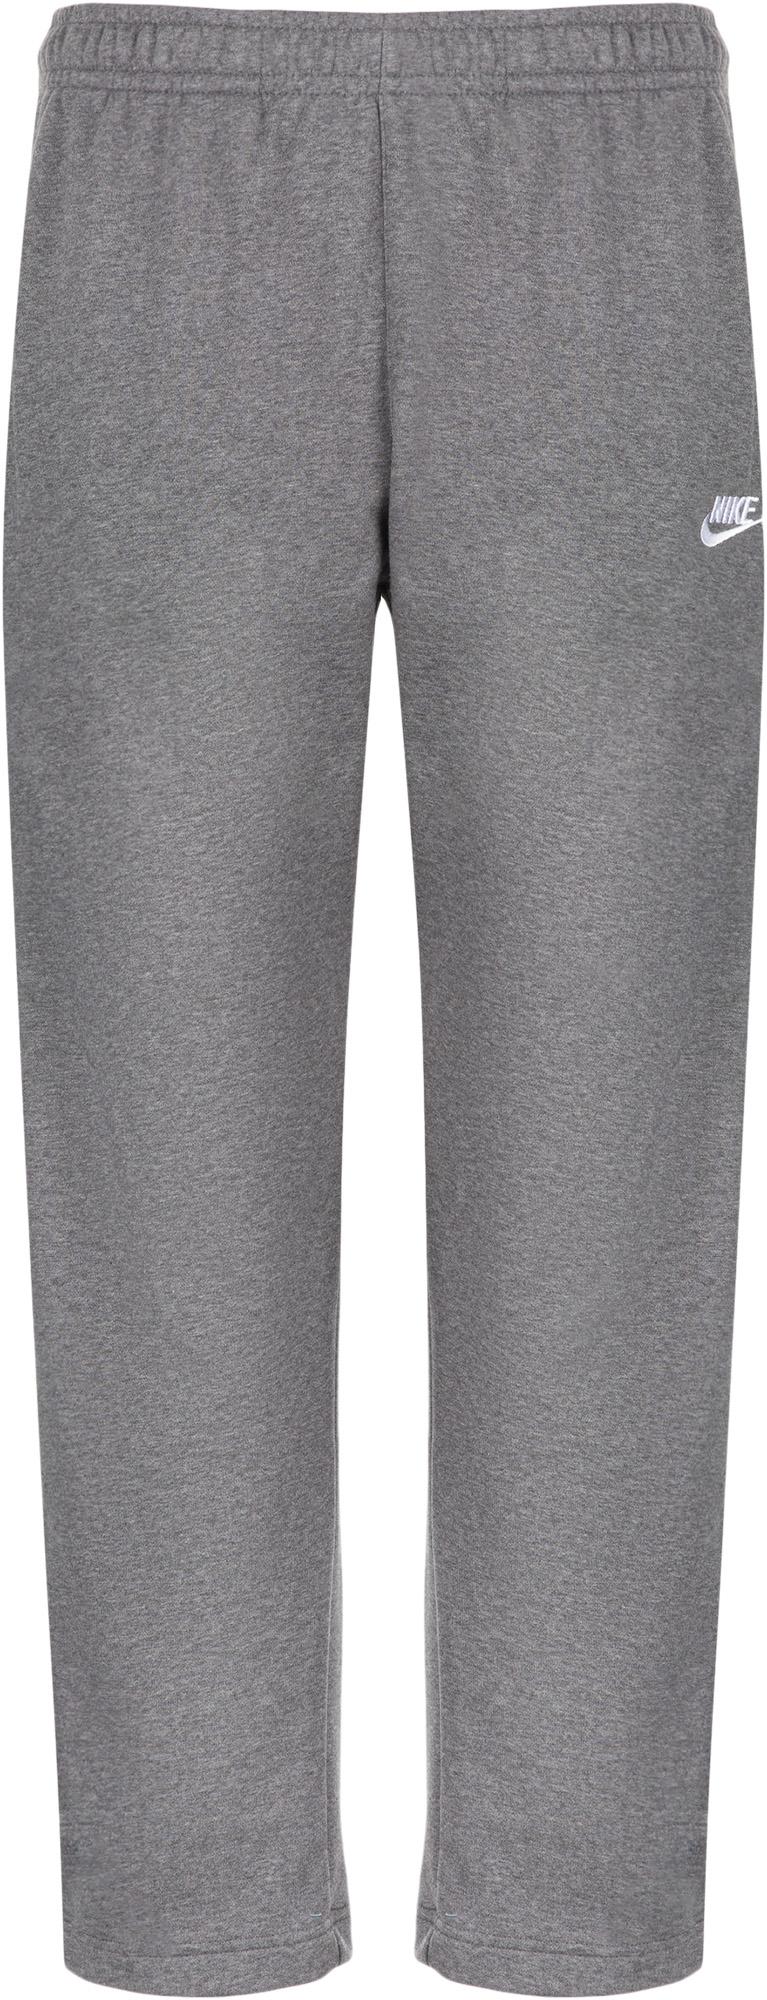 Фото - Nike Брюки мужские Nike Sportswear Club, размер 46-48 nike шорты мужские nike sportswear club размер 44 46